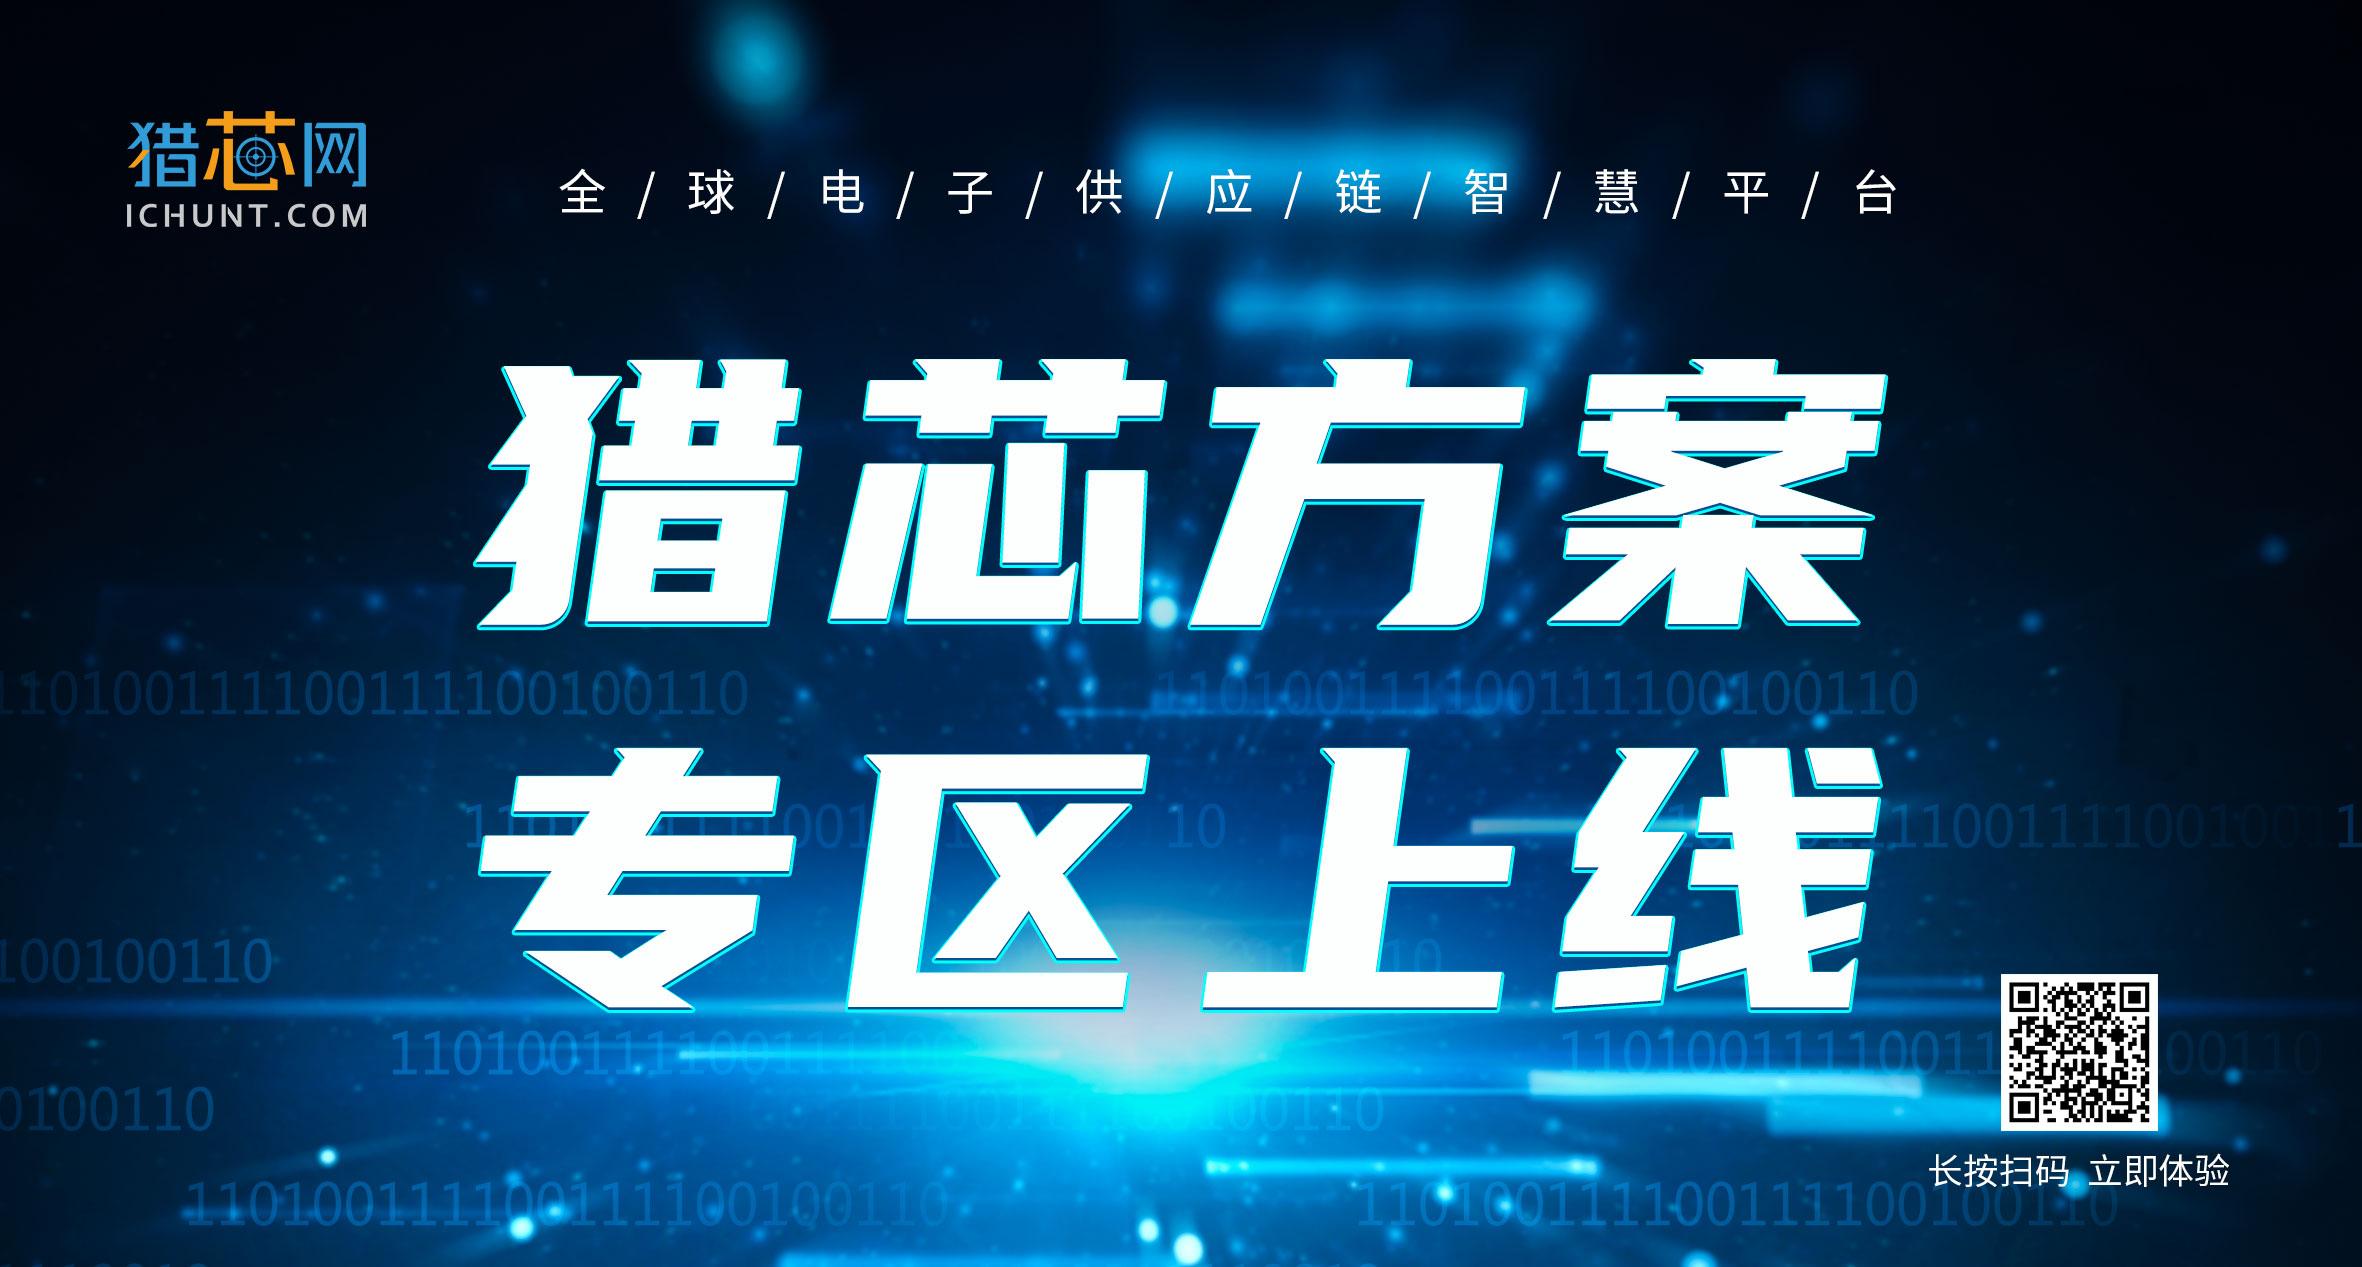 【最新】猎芯方案专区上线,物联网、汽车电子等热门方案一键获取!